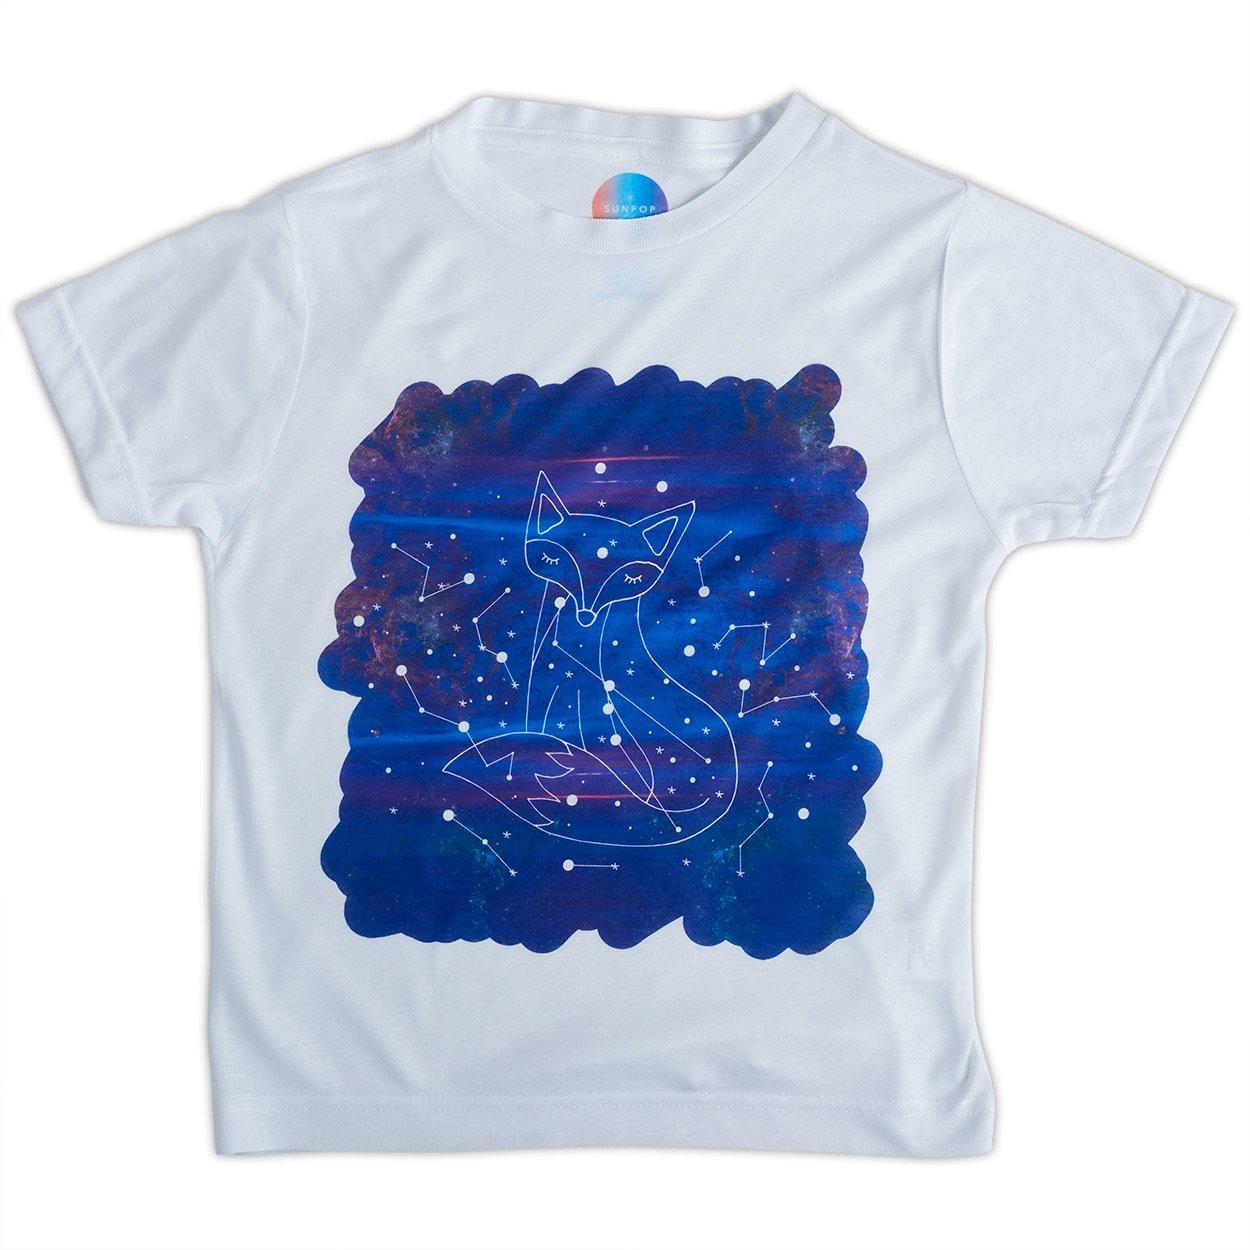 Kids Fox Graphic T-shirt